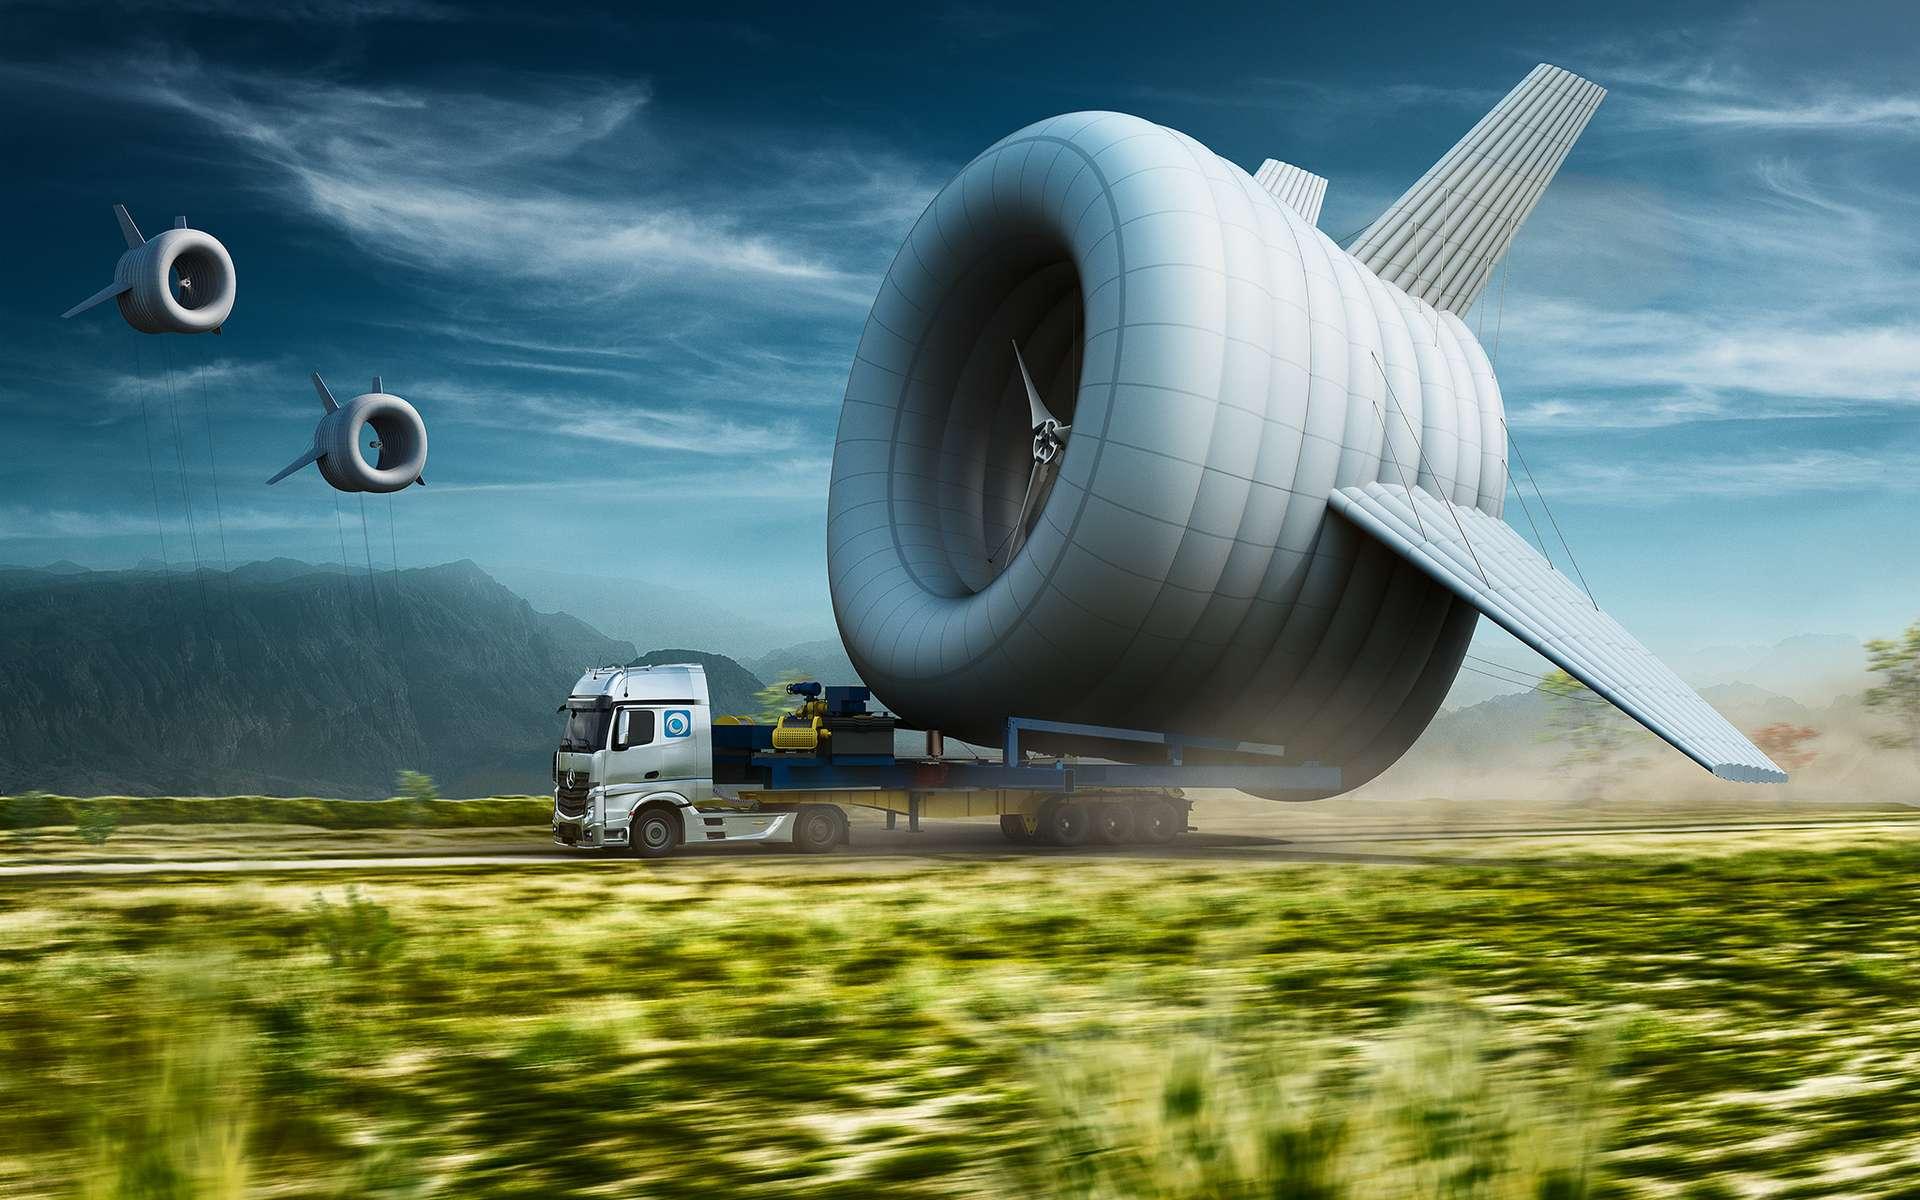 L'Airborne Wind Turbine est un concept d'éolienne volante né d'un projet du MIT (Massachusetts Institute of Technology) et de l'université de Harvard. Il est porté par une entreprise, Altaeros Energies, qui traverse aujoud'hui la fameuse « vallée de la mort », c'est-à-dire le passage entre le concept et la réussite commerciale. La société a été aidée financièrement par le fonds Softbank, dont le président-fondateur, Masayoshi Son, fait partie de l'équipe de la Breakthrough Energy Coalition. © Altaeros Energies